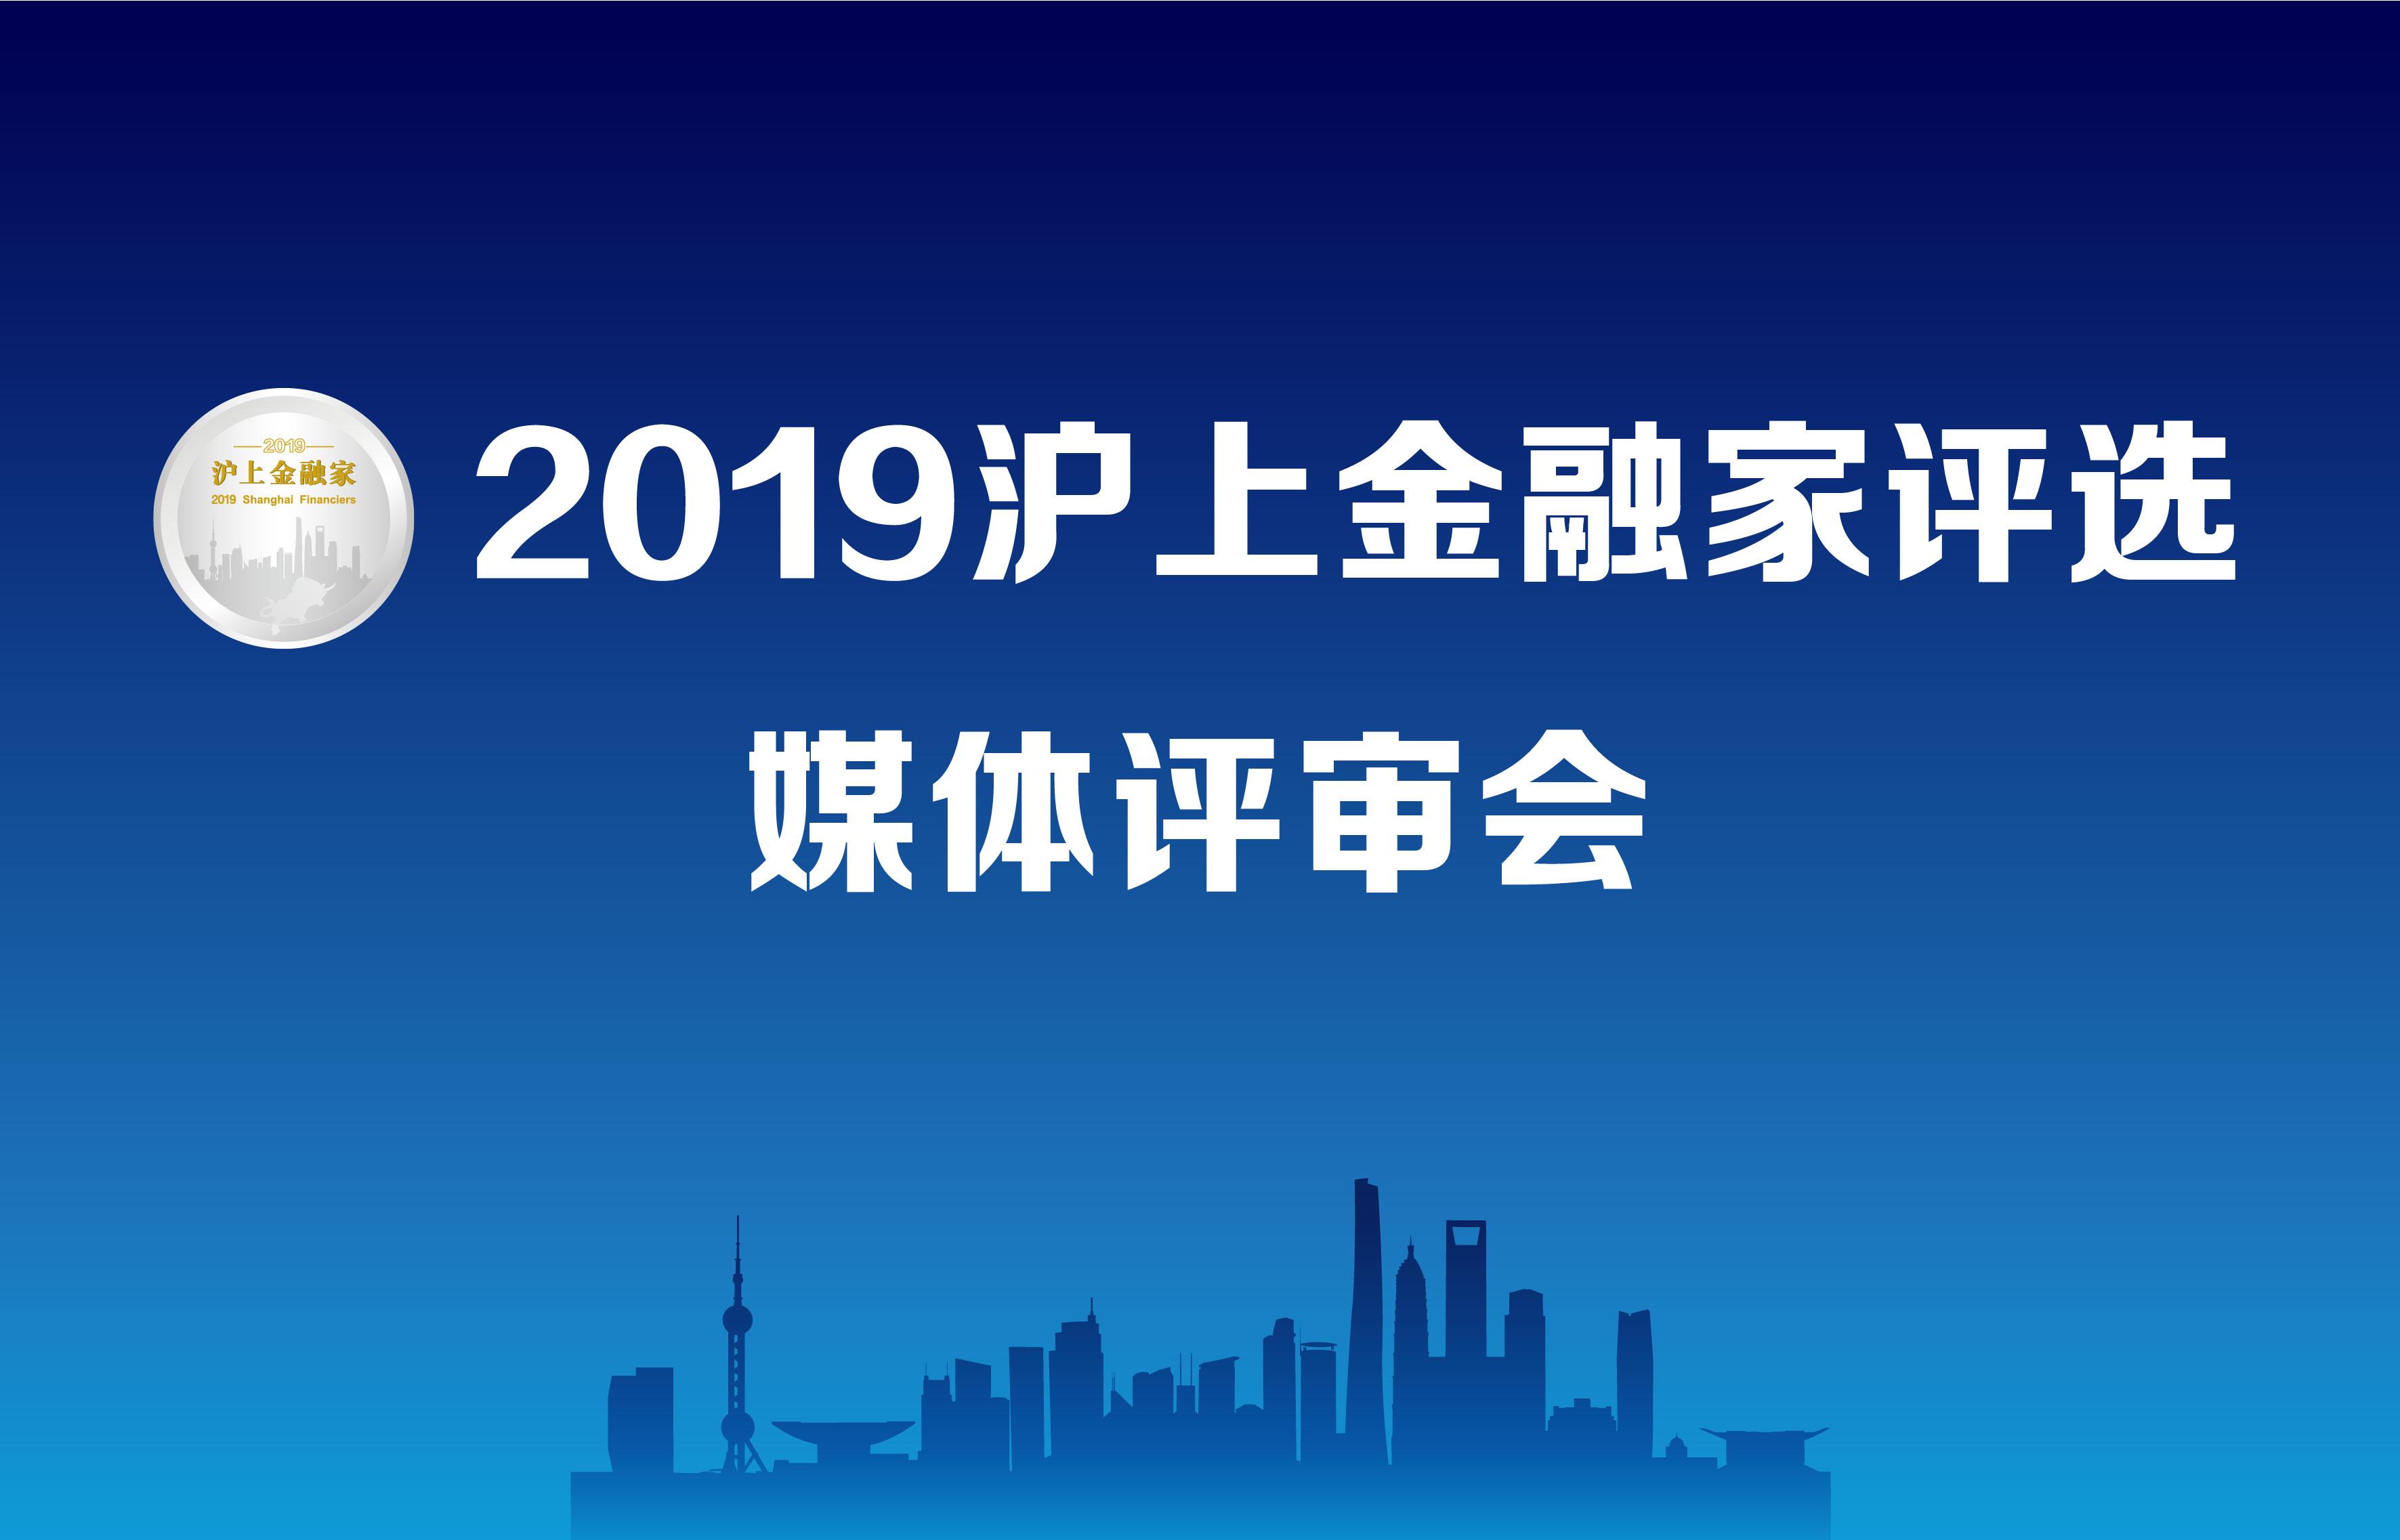 """2019""""沪上金融家""""评选启动媒体评审"""